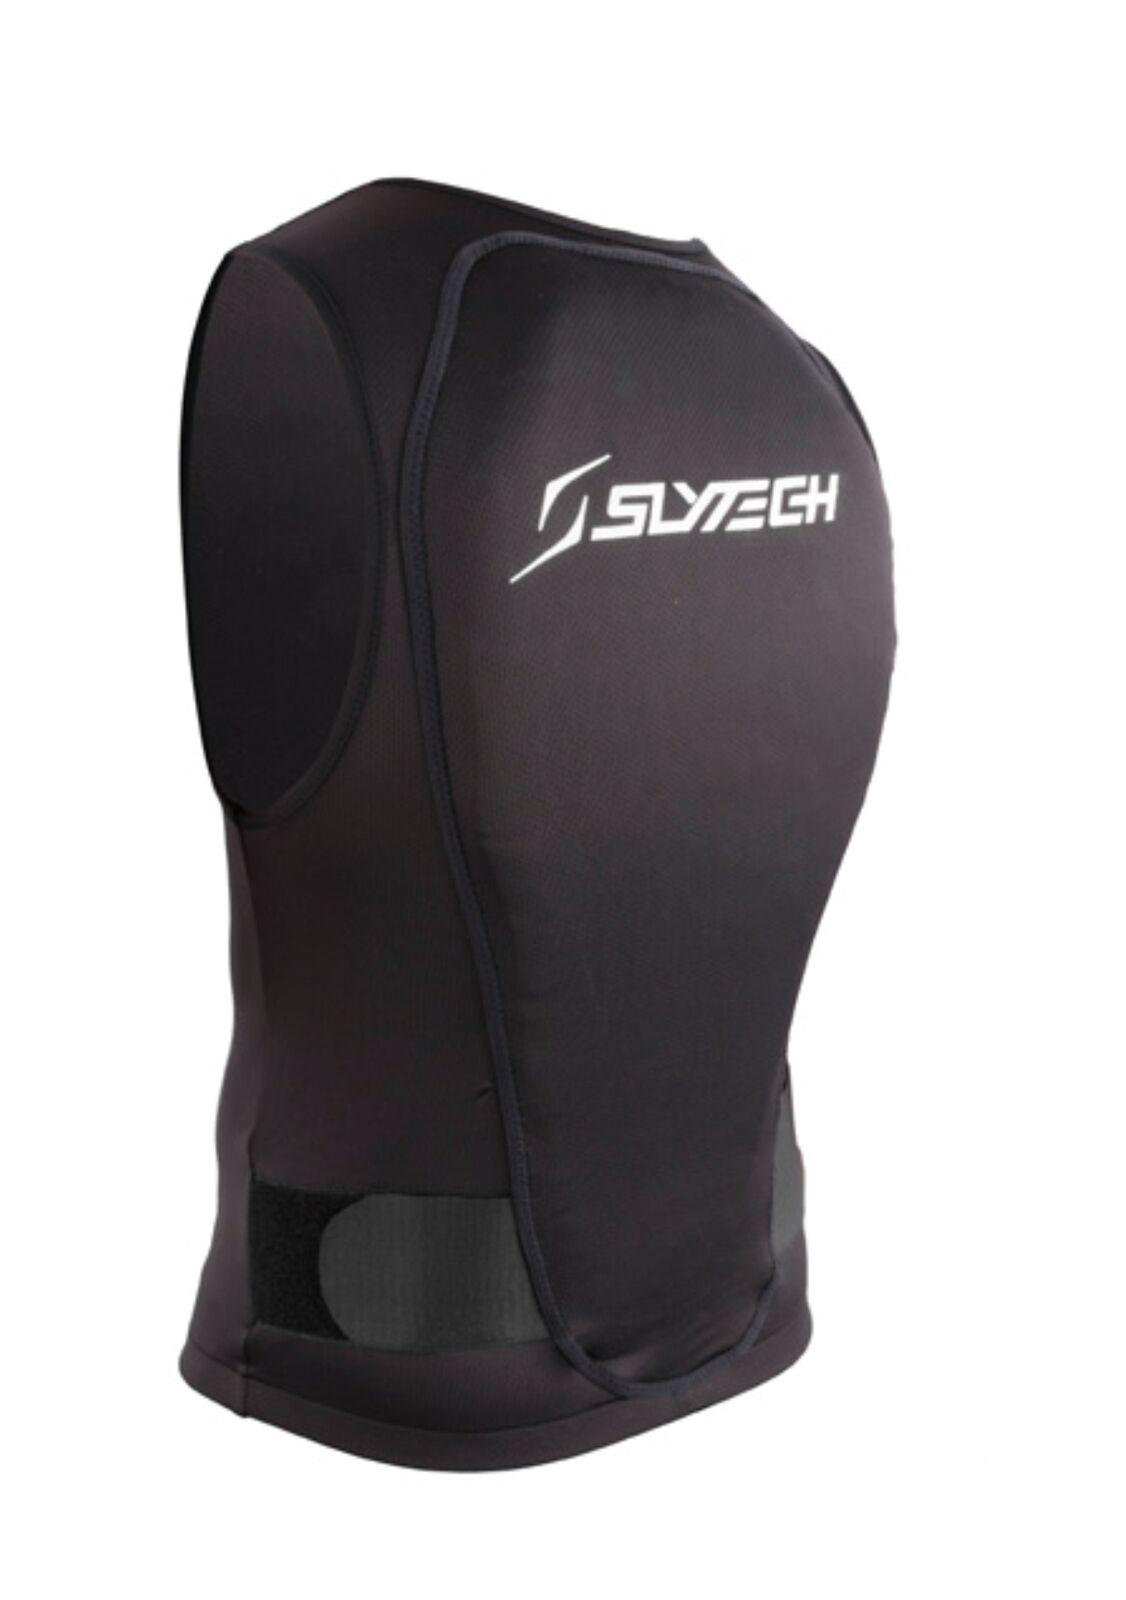 Slytech Predektorweste Predektor VEST FLEXI  MINI black elastisch  hot sales